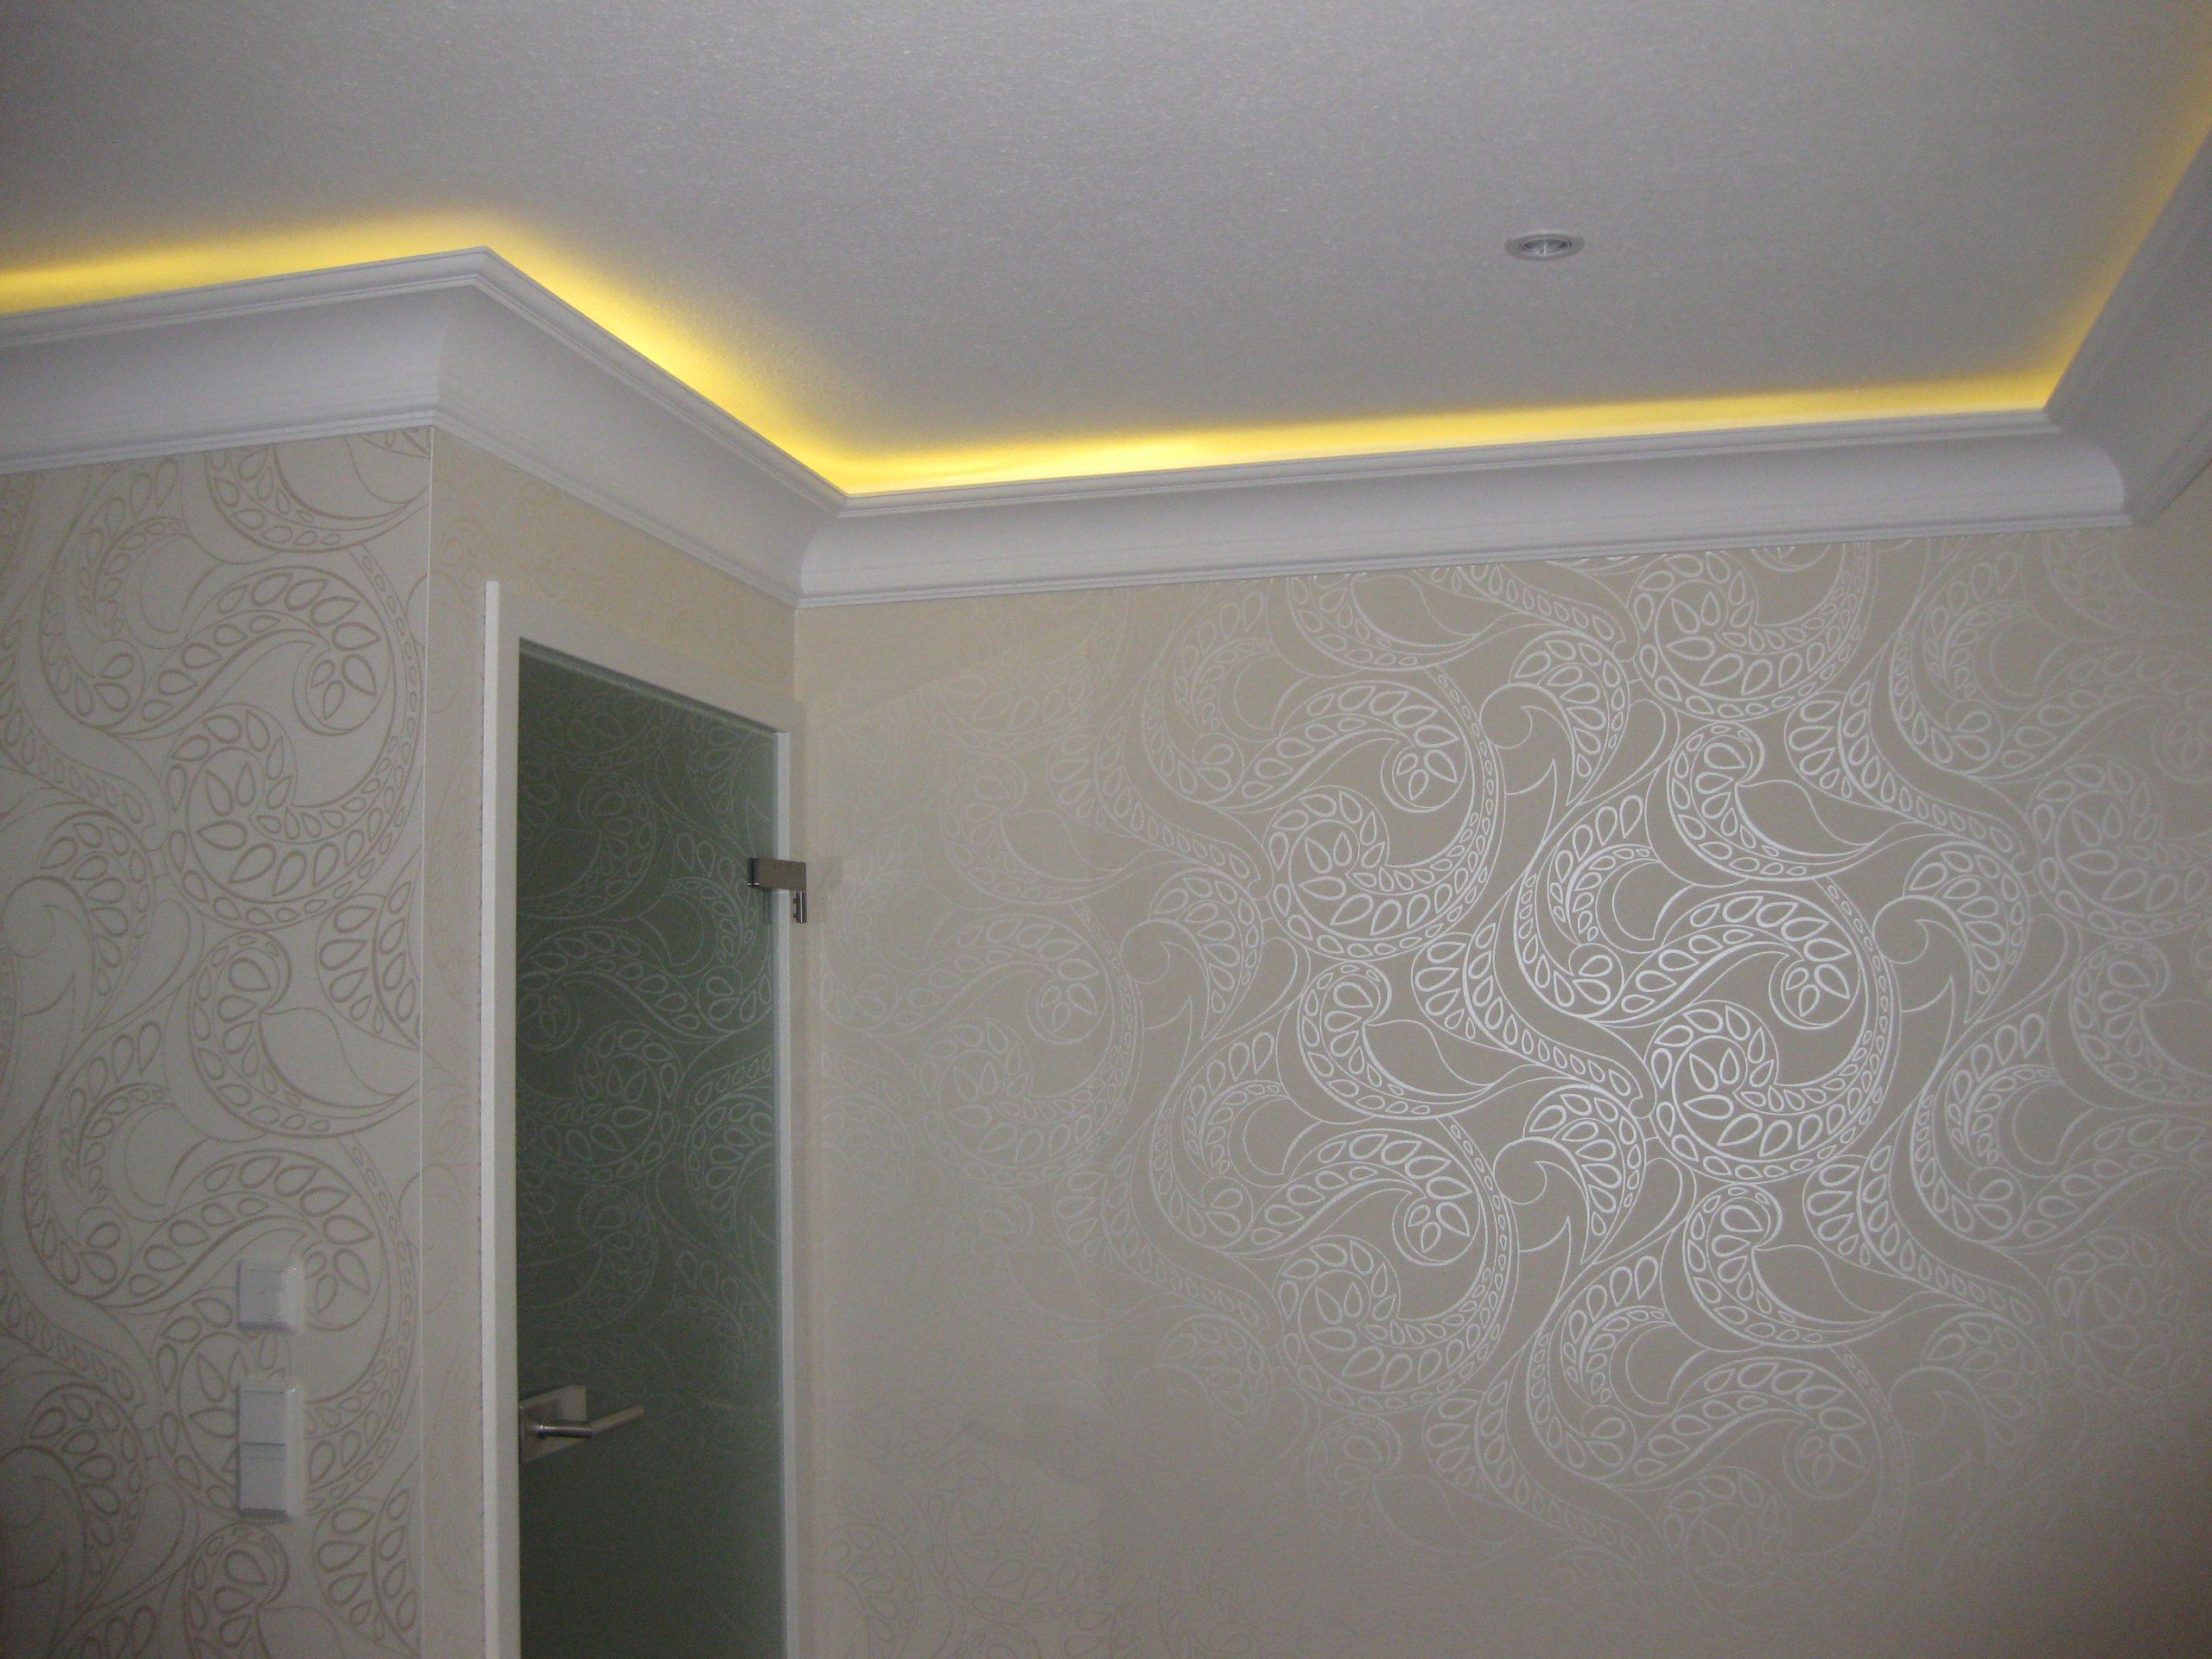 Full Size of Wohnzimmer Lampen Indirekte Beleuchtung Indirekte Beleuchtung Wohnzimmer Indirekte Beleuchtung Im Wohnzimmer Indirekte Beleuchtung Wohnzimmer Ideen Wohnzimmer Indirekte Beleuchtung Wohnzimmer